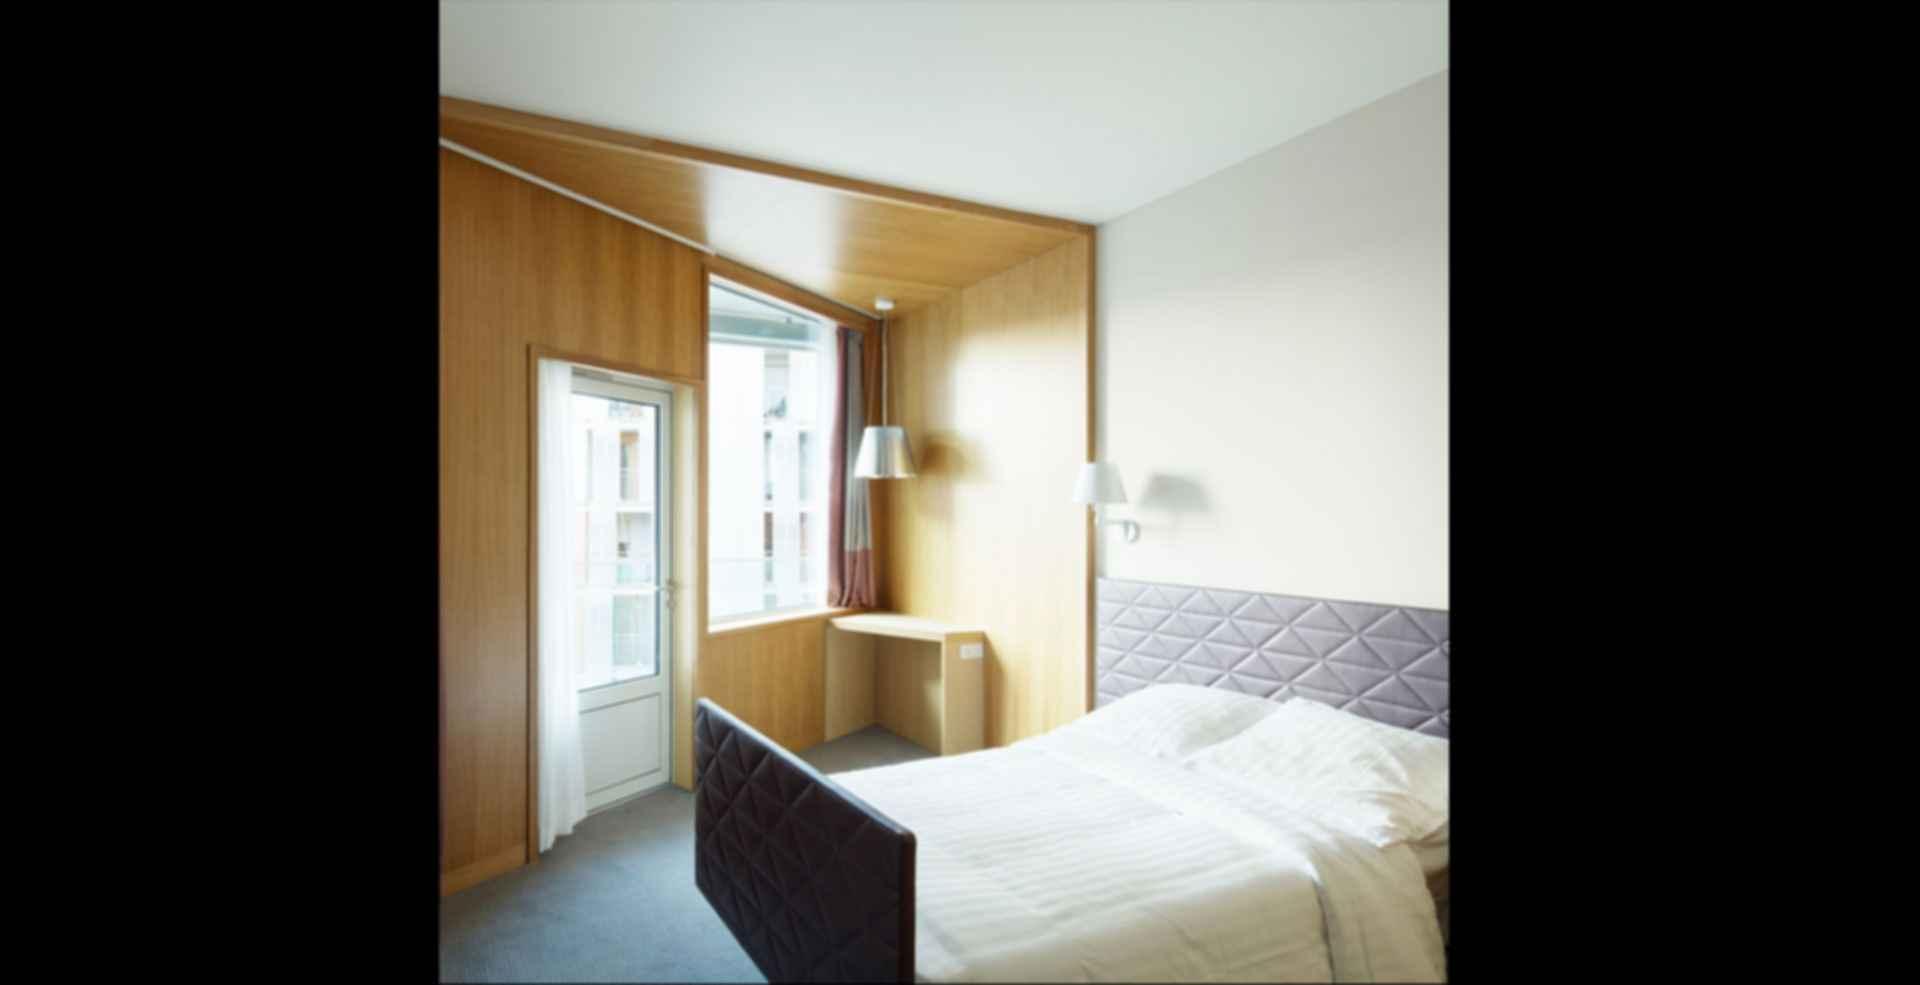 Nursing Home in Batignolles - interior/bedroom